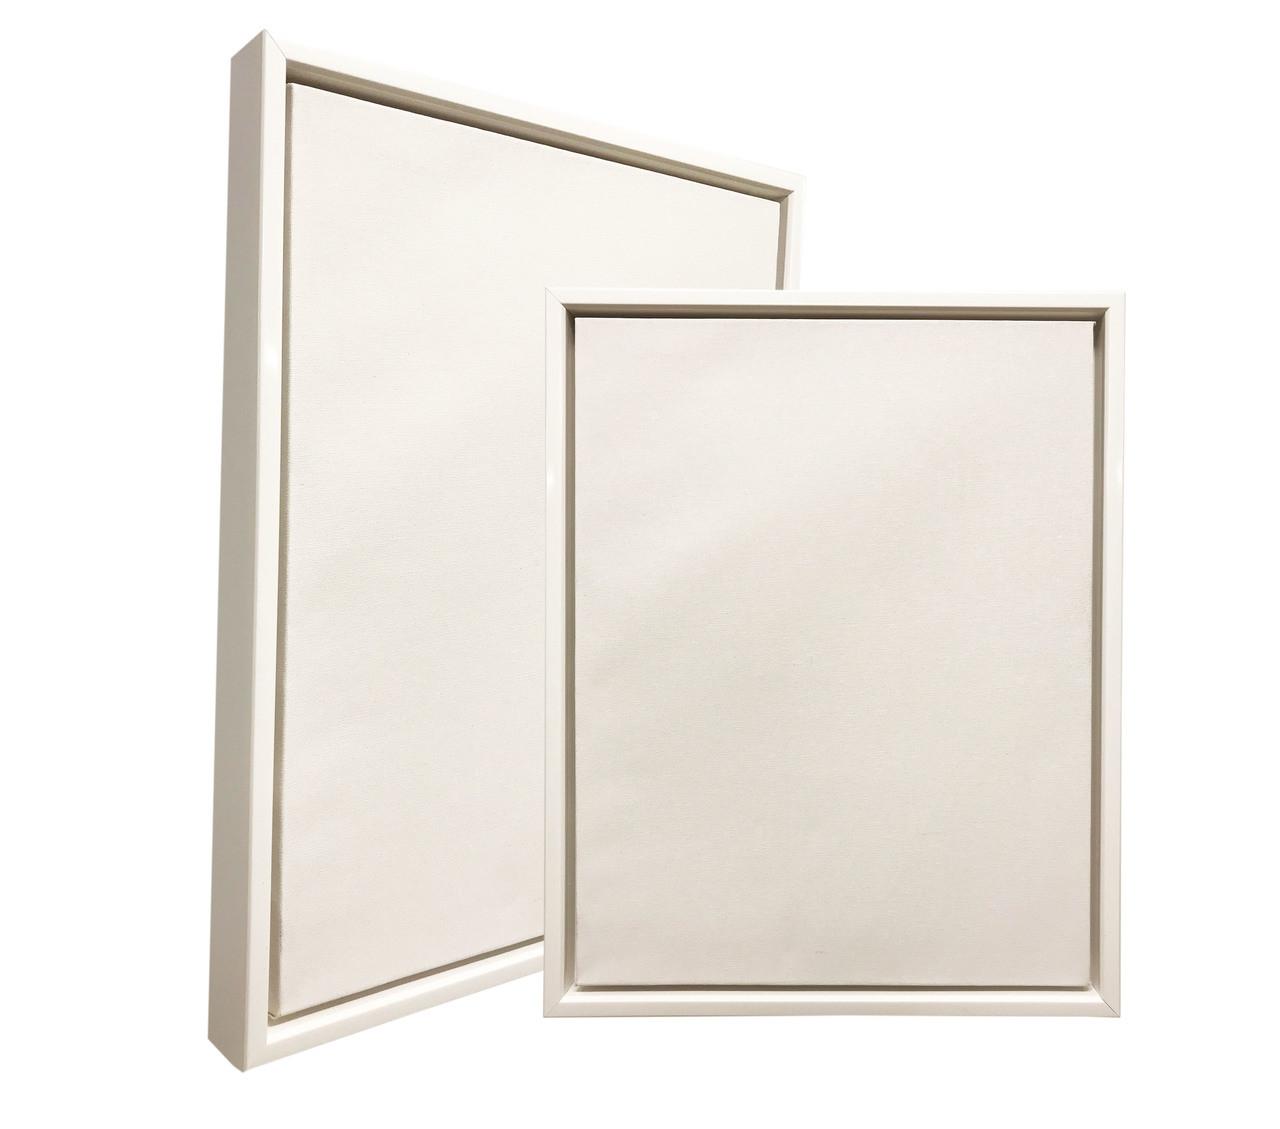 2 1 8 floater frame polystyrene floating picture frame 3592 13x19